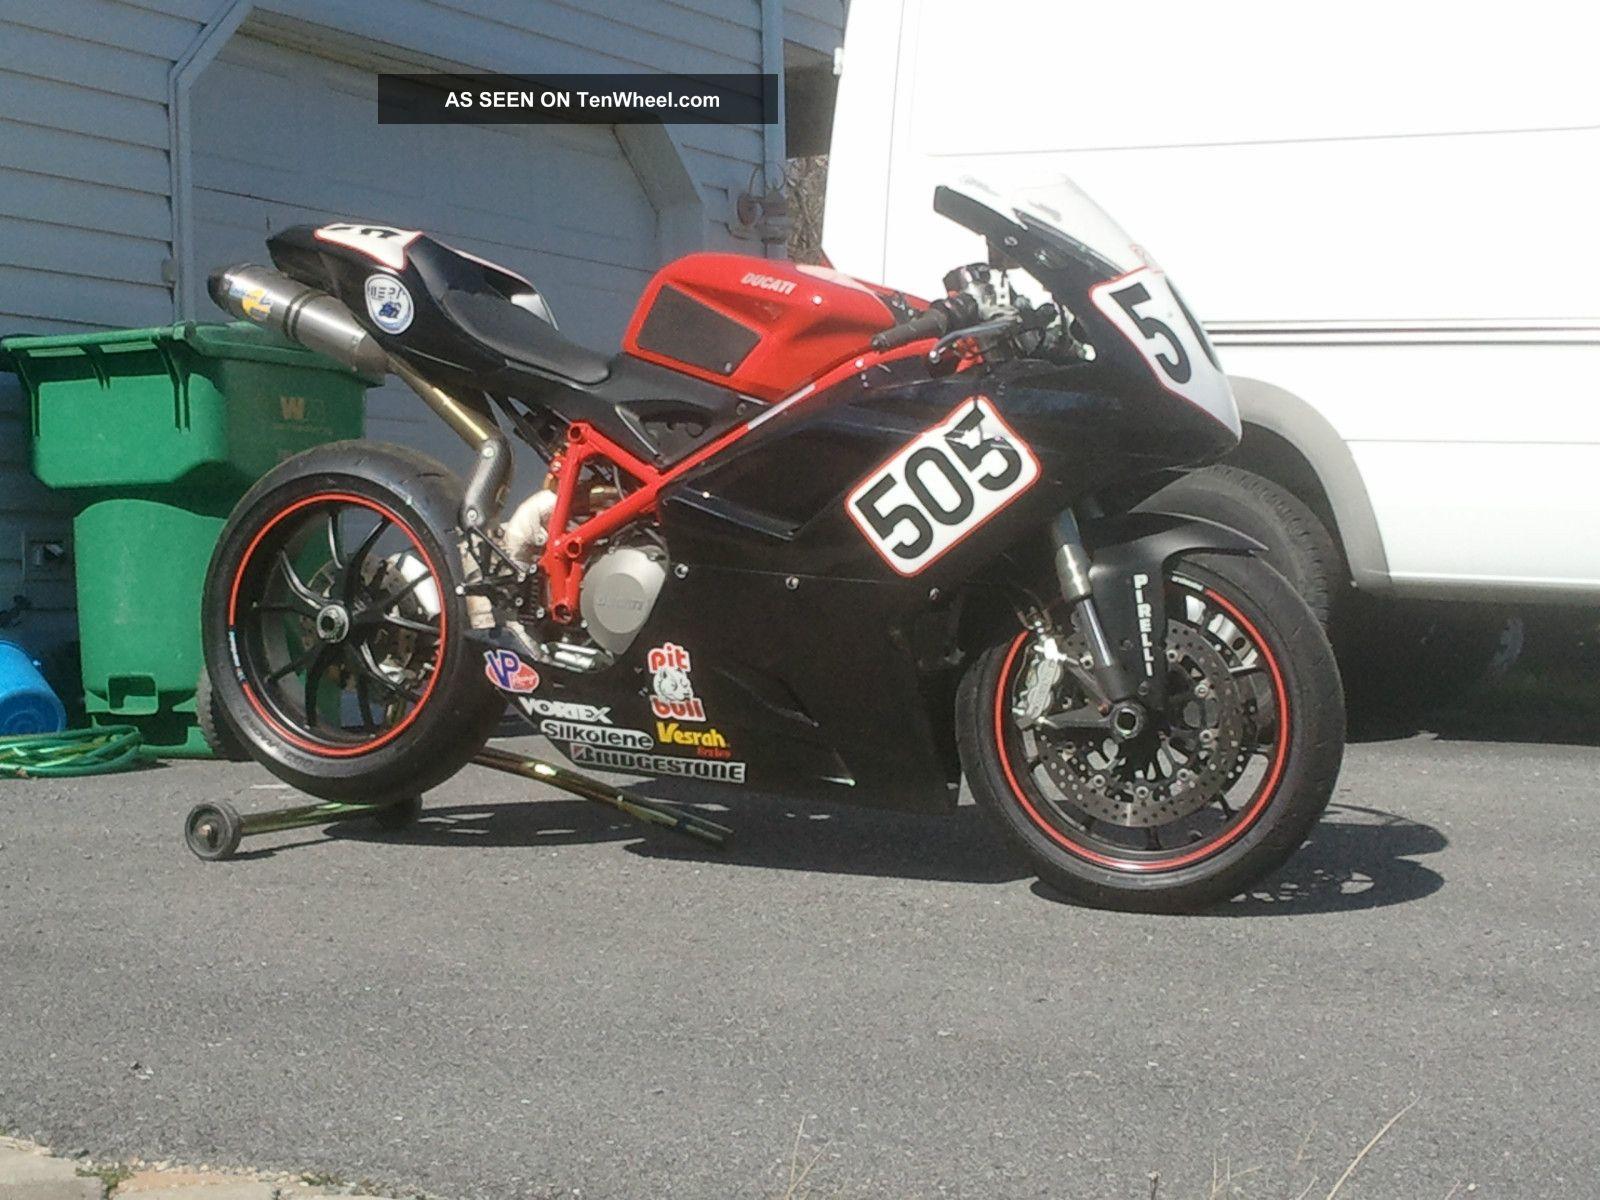 2008 Ducati 848 Race Bike